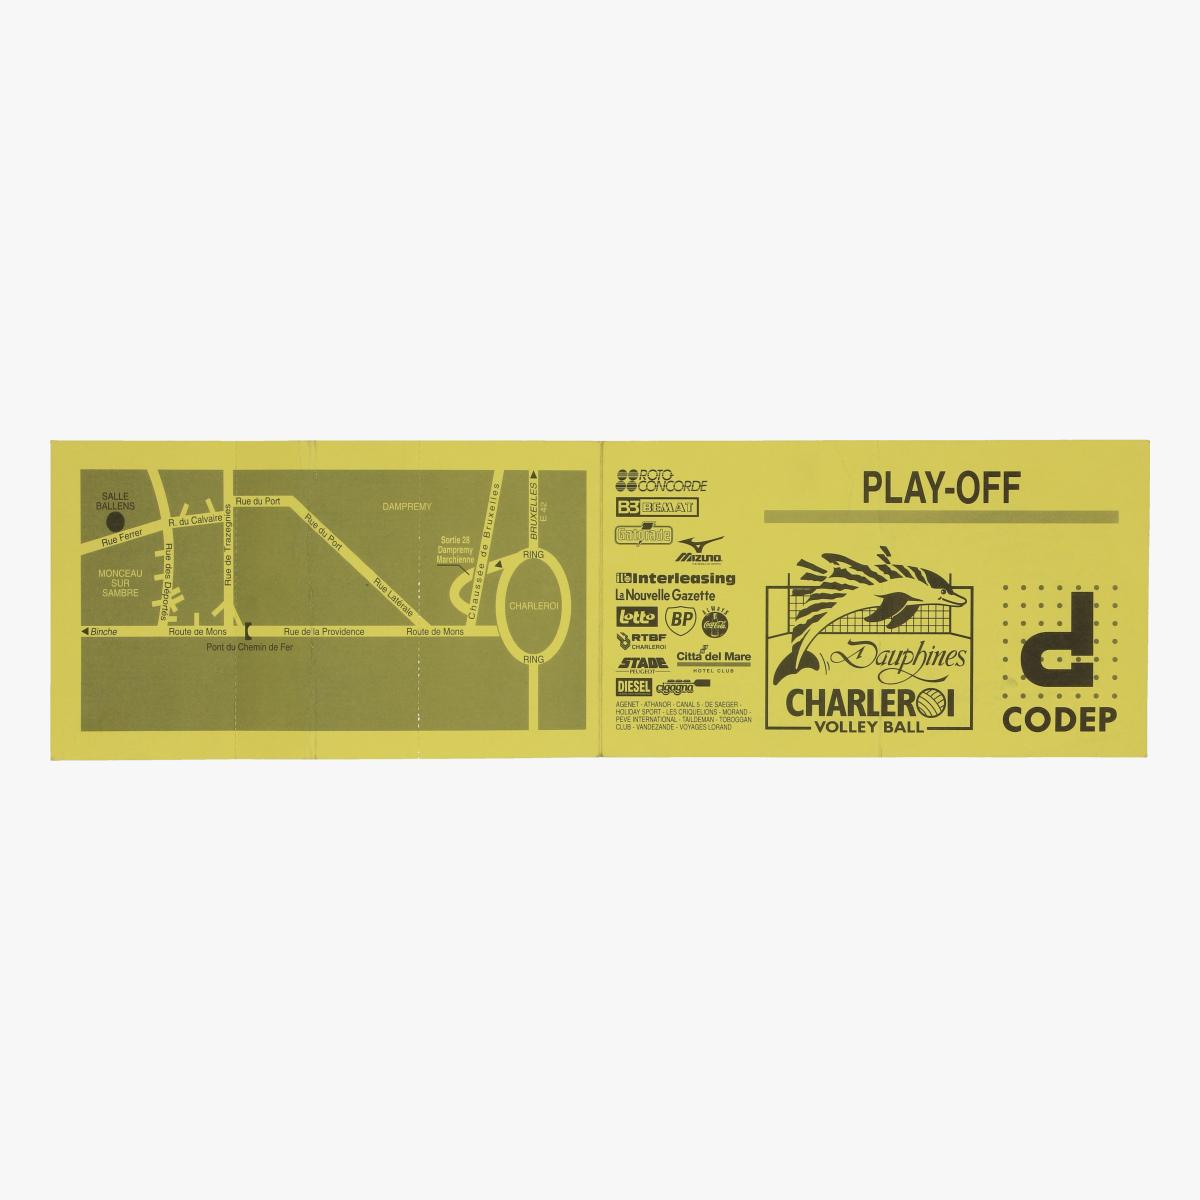 Afbeeldingen van tickets dauphines Charleroi 1995